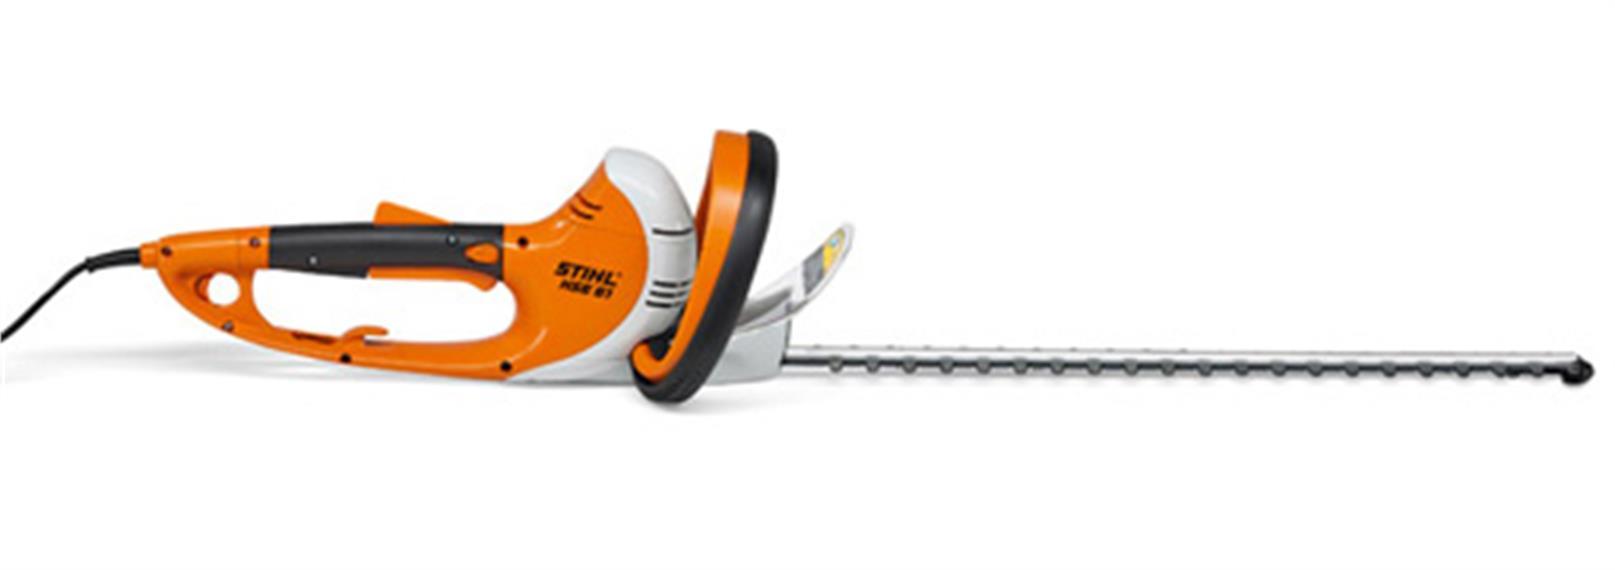 Stihl Elektro-Heckenschere HSE 61 Schnittlänge 50 cm